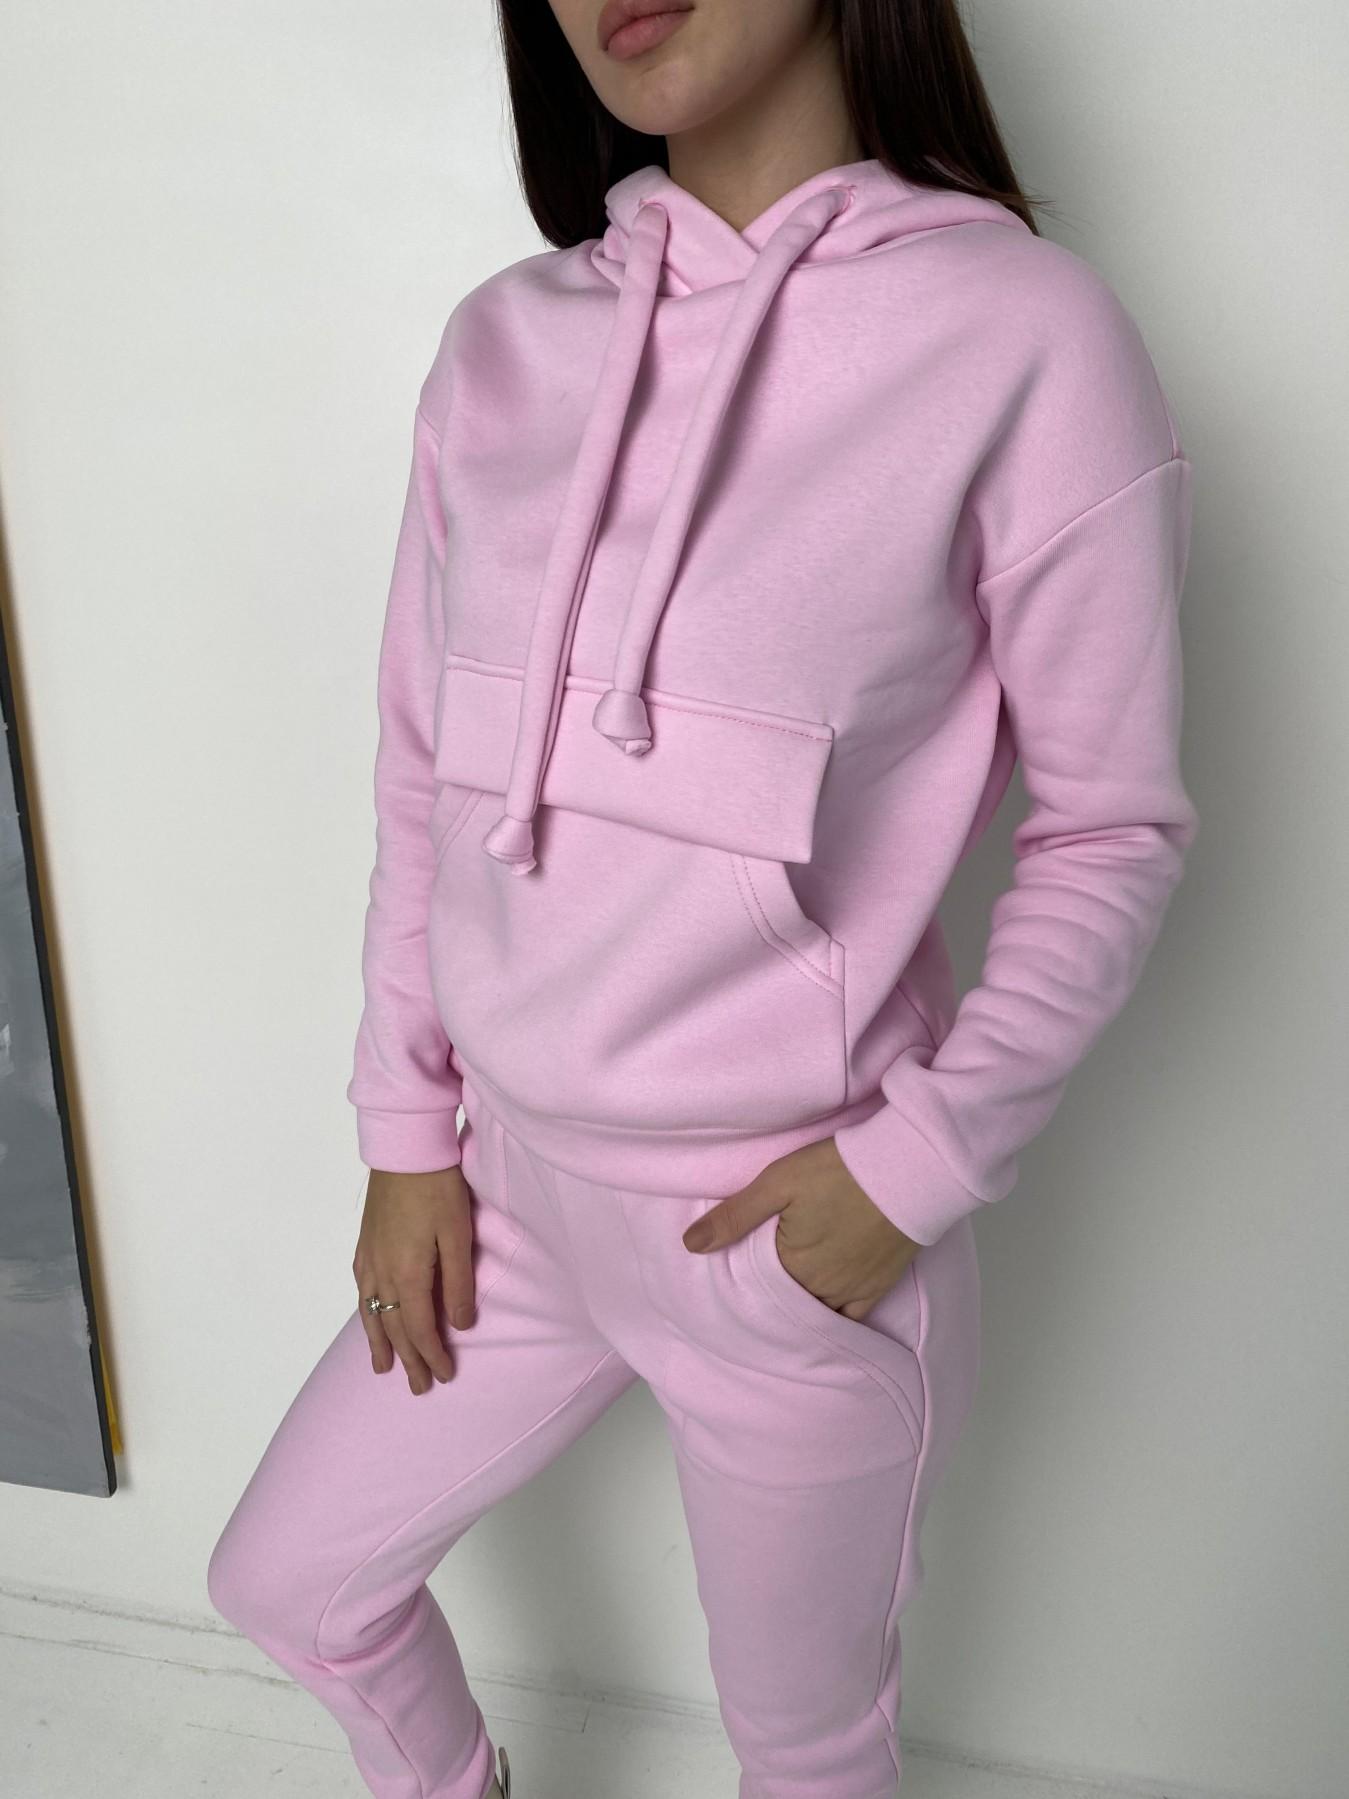 Бруклин  прогулочный костюм 3х нитка с начесом  9663 АРТ. 46923 Цвет: Розовый - фото 5, интернет магазин tm-modus.ru